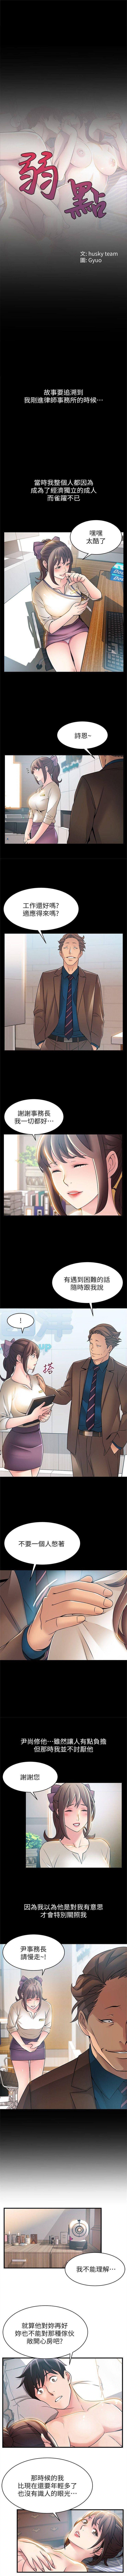 (週7)弱點 1-76 中文翻譯(更新中) 134